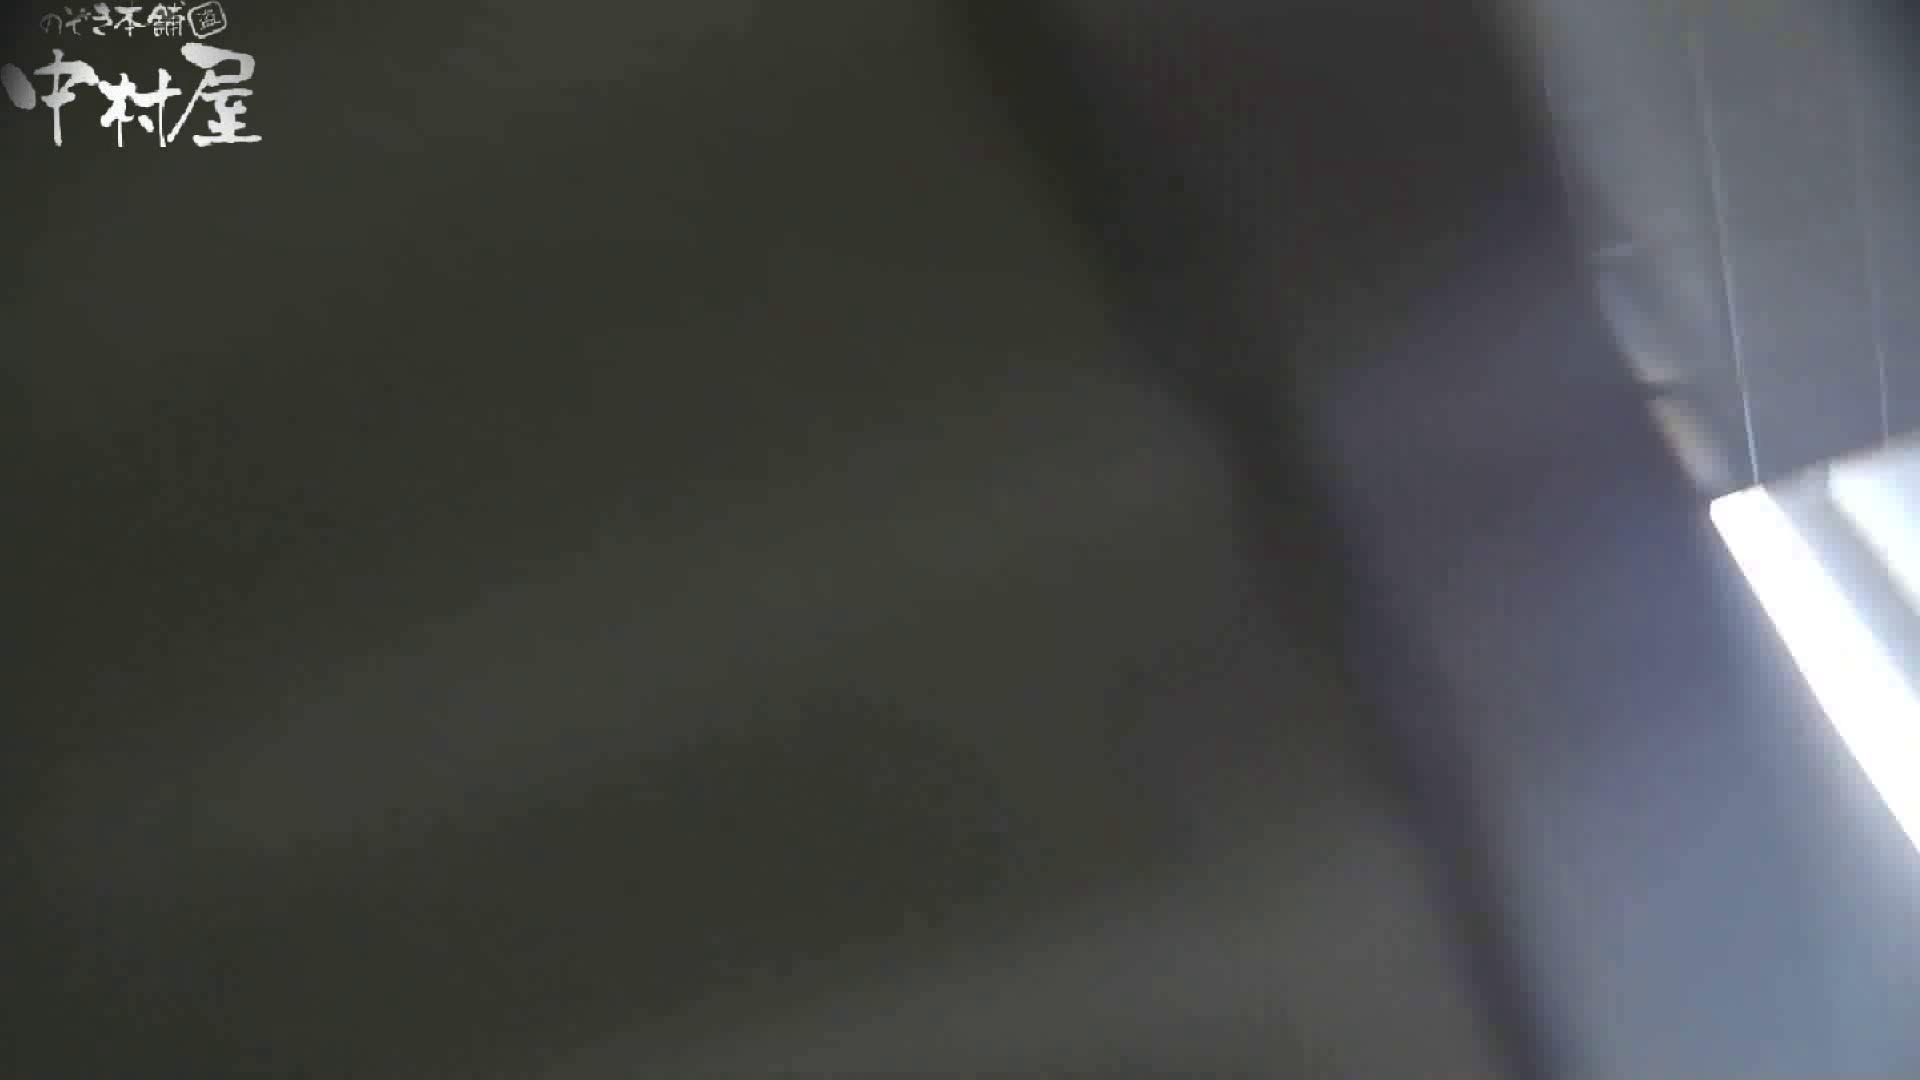 【お銀さんの「洗面所突入レポート!!」】お銀さんの「洗面所突入レポート!!」 vol.29 ∑(゚Д゚)アッ! 洗面所 | HなOL  100pic 72